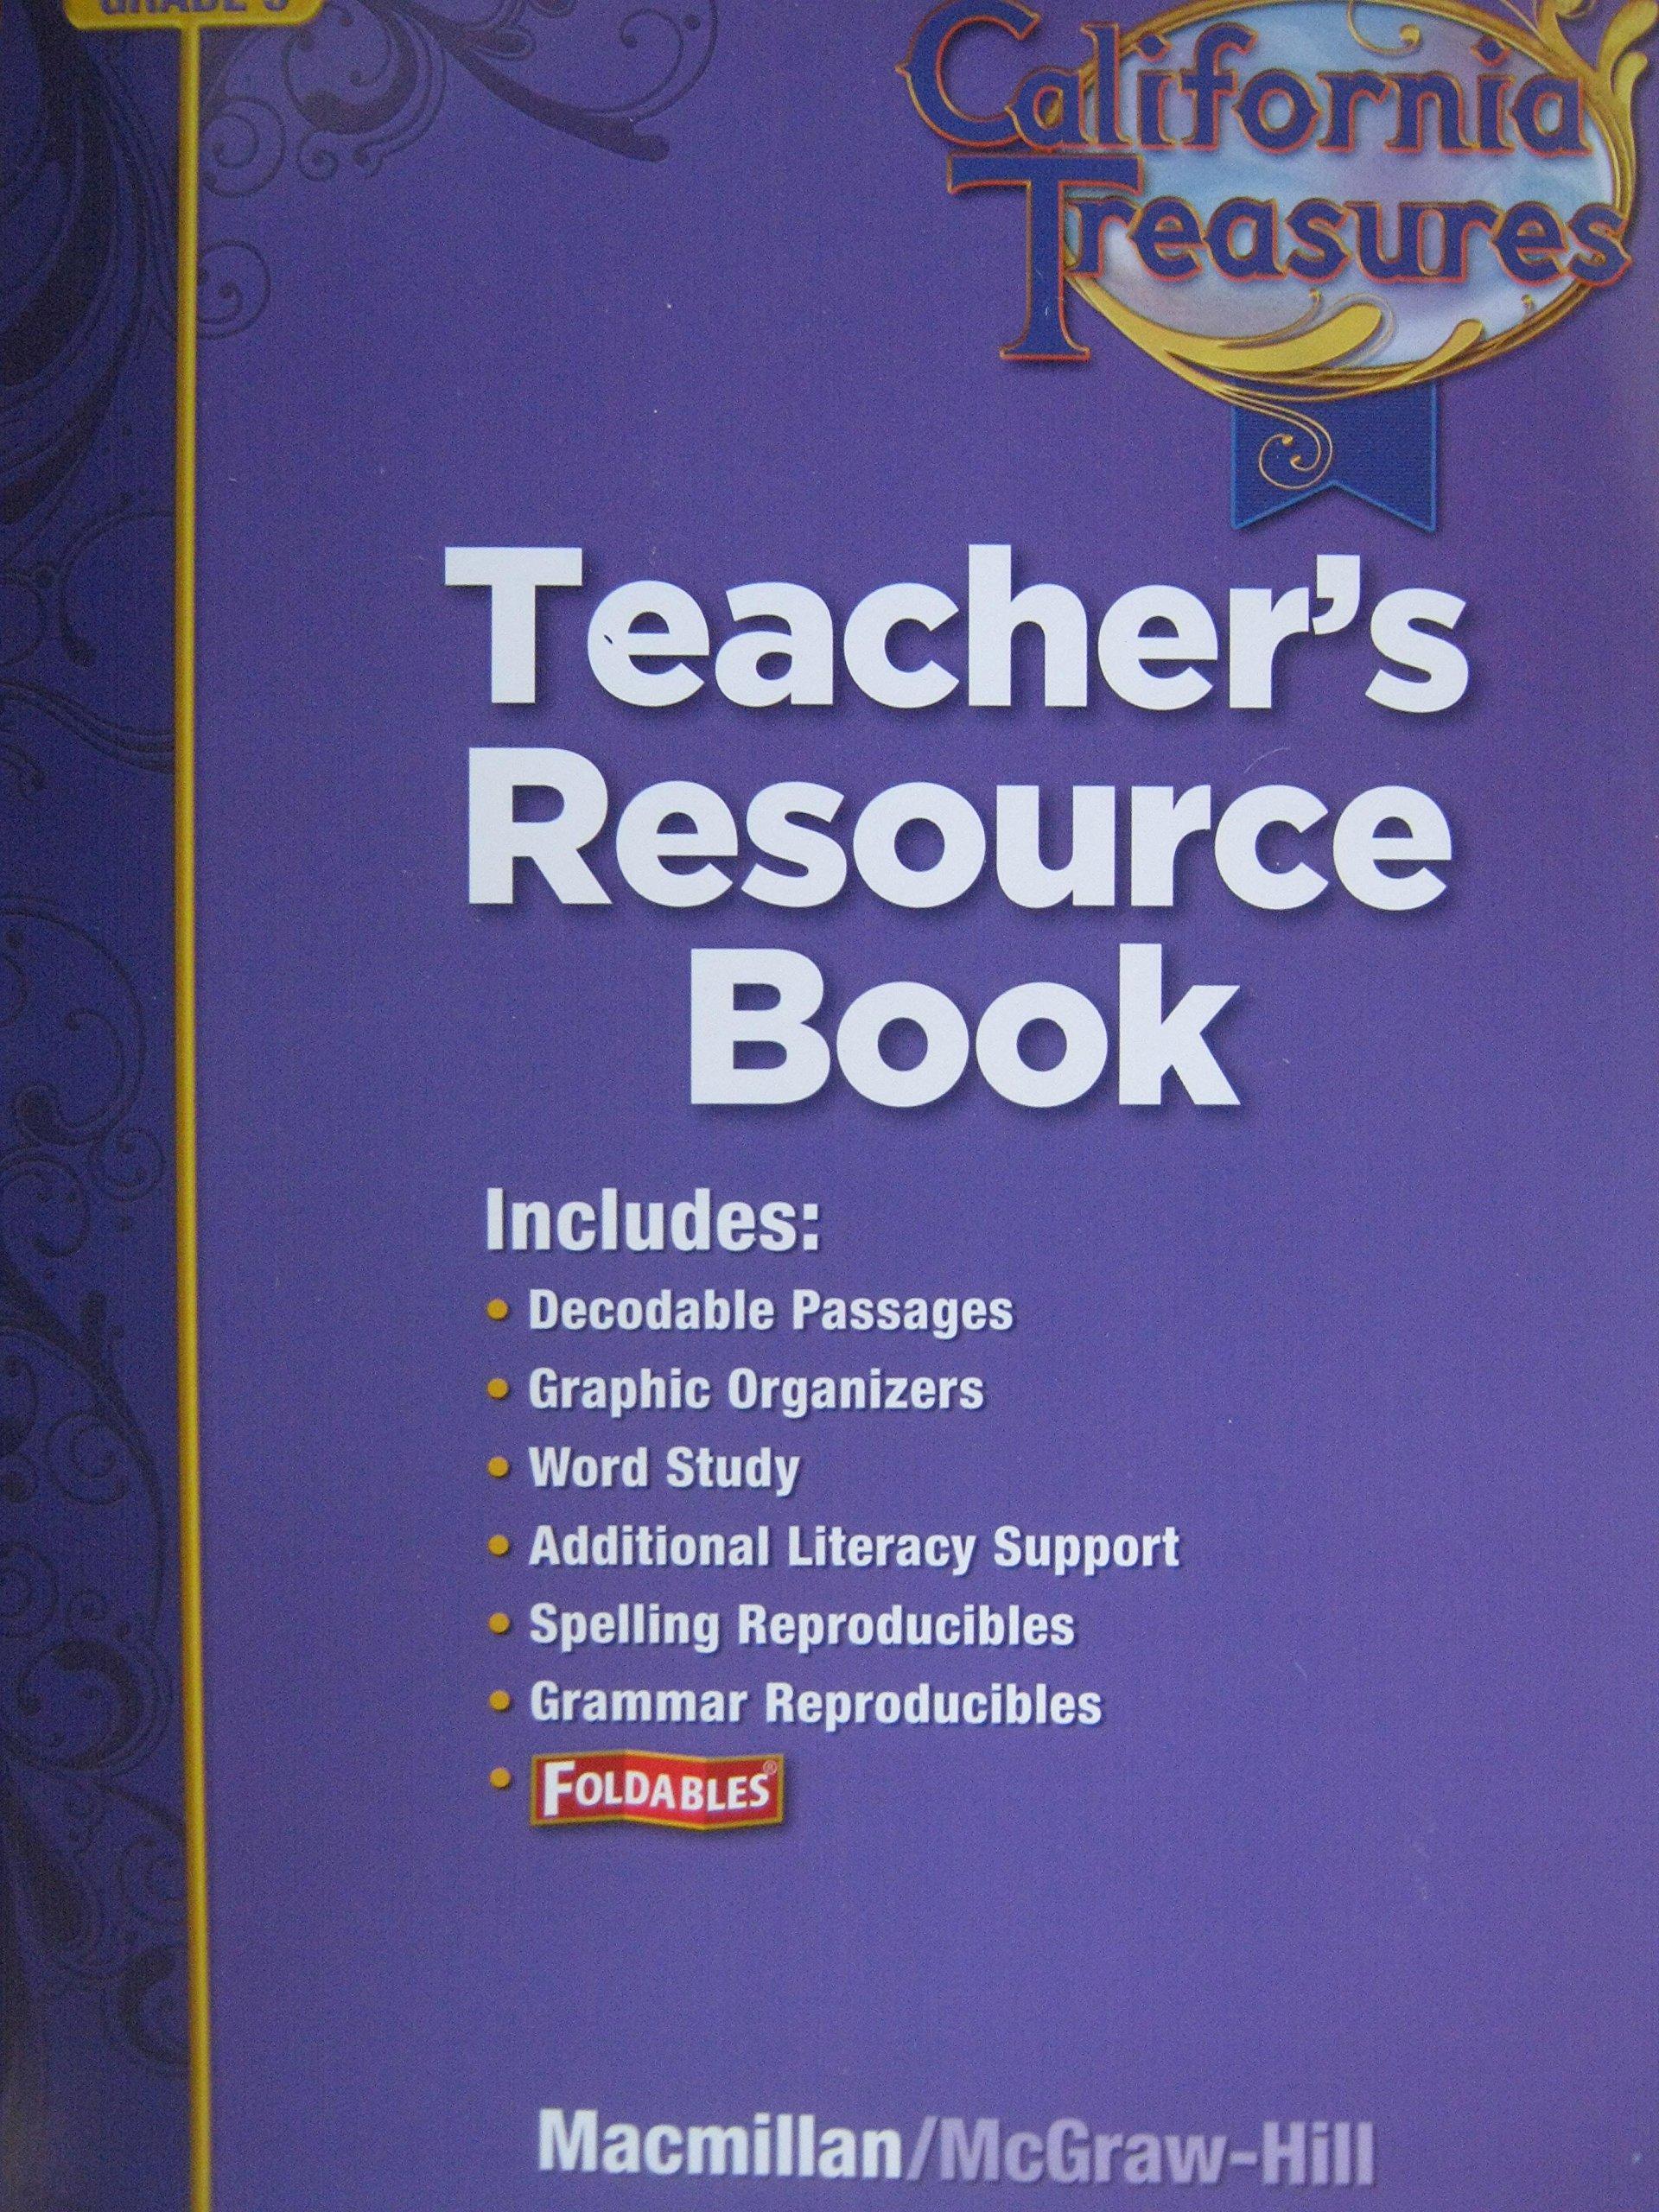 California Treasures Grade 5 Teacher's Resource Book:  Macmillan/McGraw-Hill: 9780022020699: Amazon.com: Books